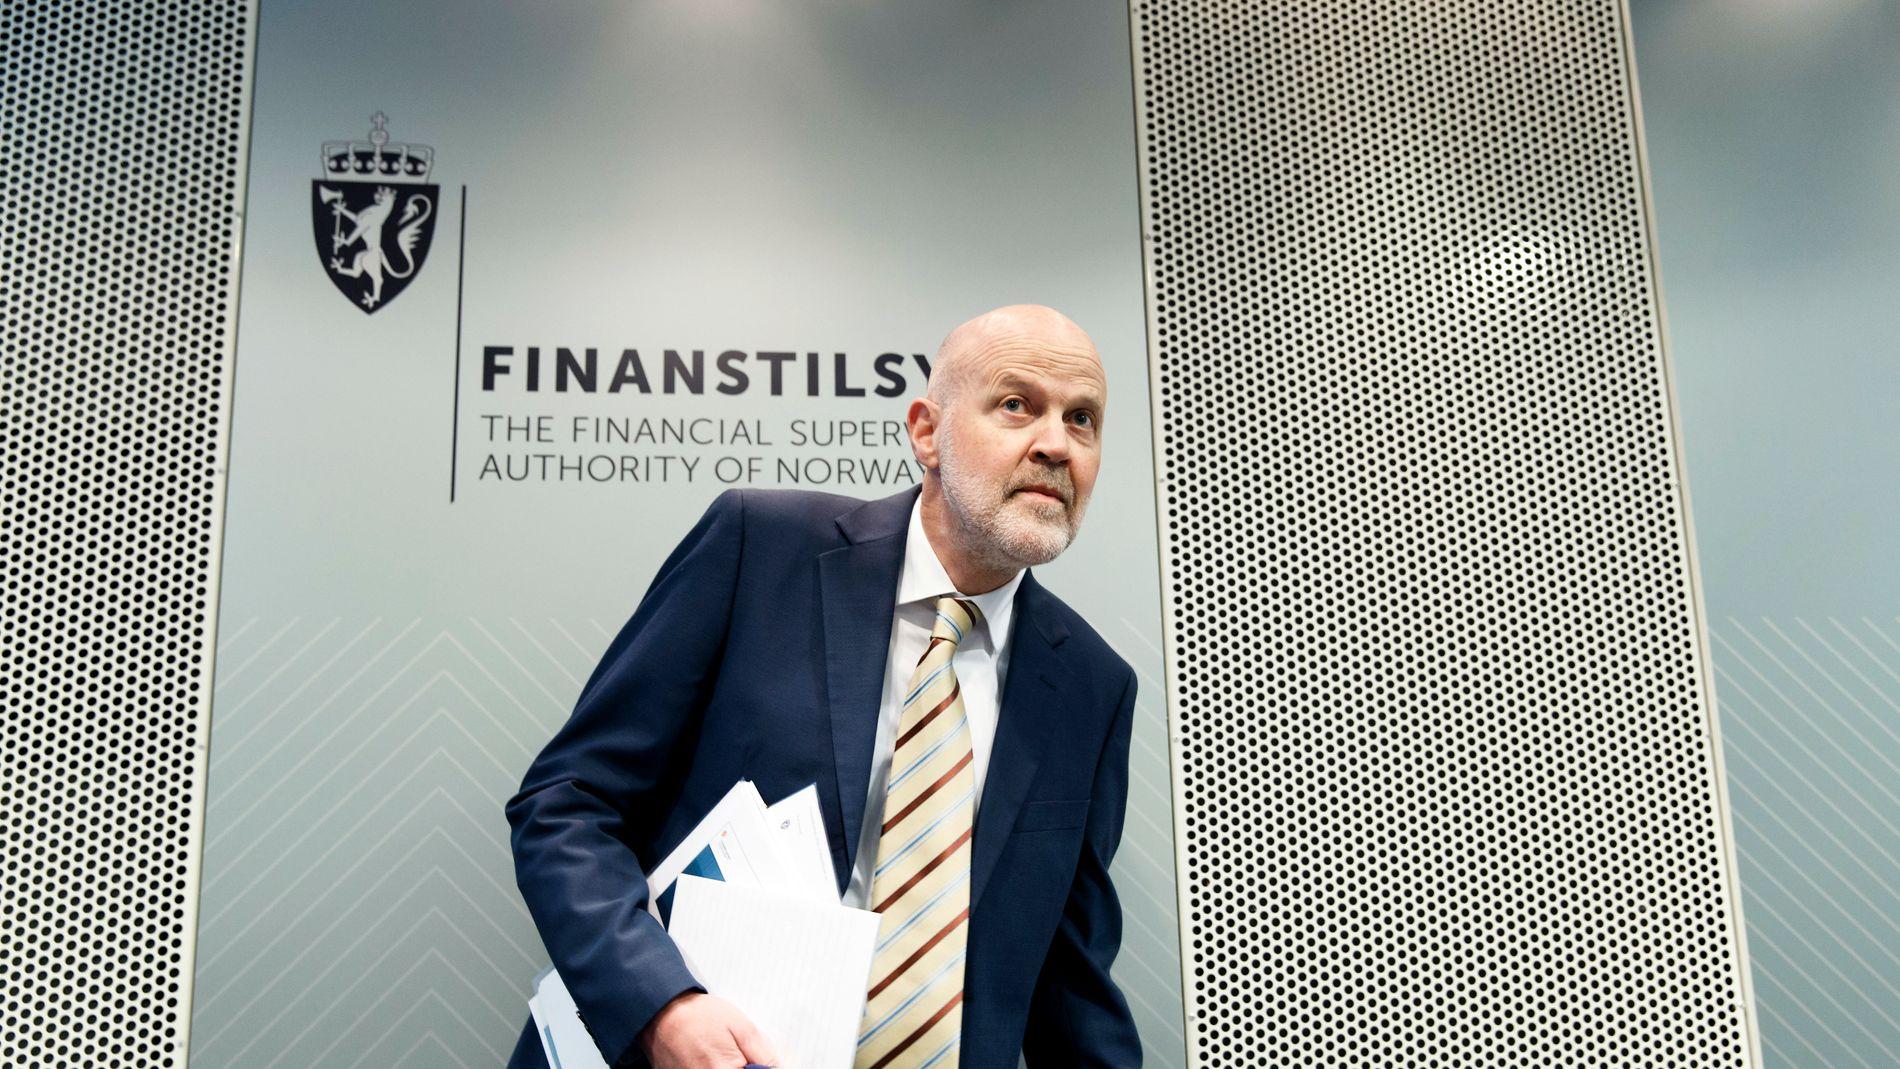 «UTILRÅDELIG»: Finanstilsynet har fattet vedtak om at 38 advokater ikke lengre for drive med eiendomsmegling grunnet lovbrudd. Her er tilsynsdirektør Morten Baltzersen.